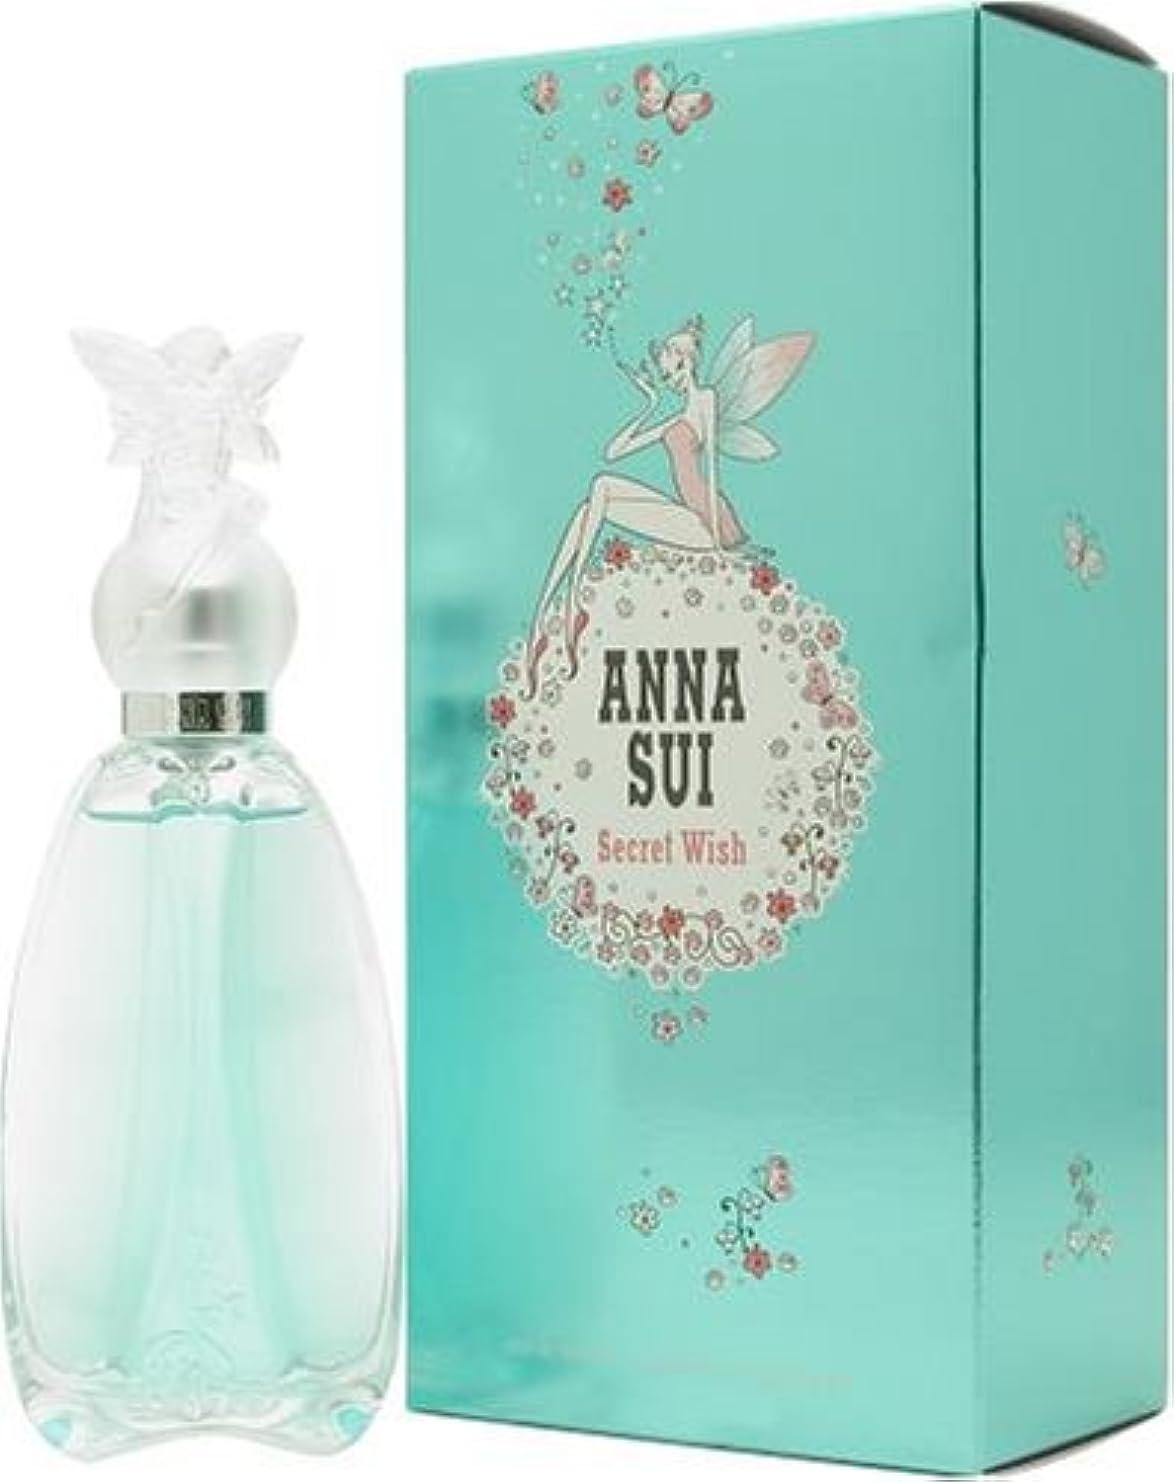 混合した枕未使用アナスイ ANNA SUI シークレット ウィッシュ オードトワレ EDT 30mL 香水